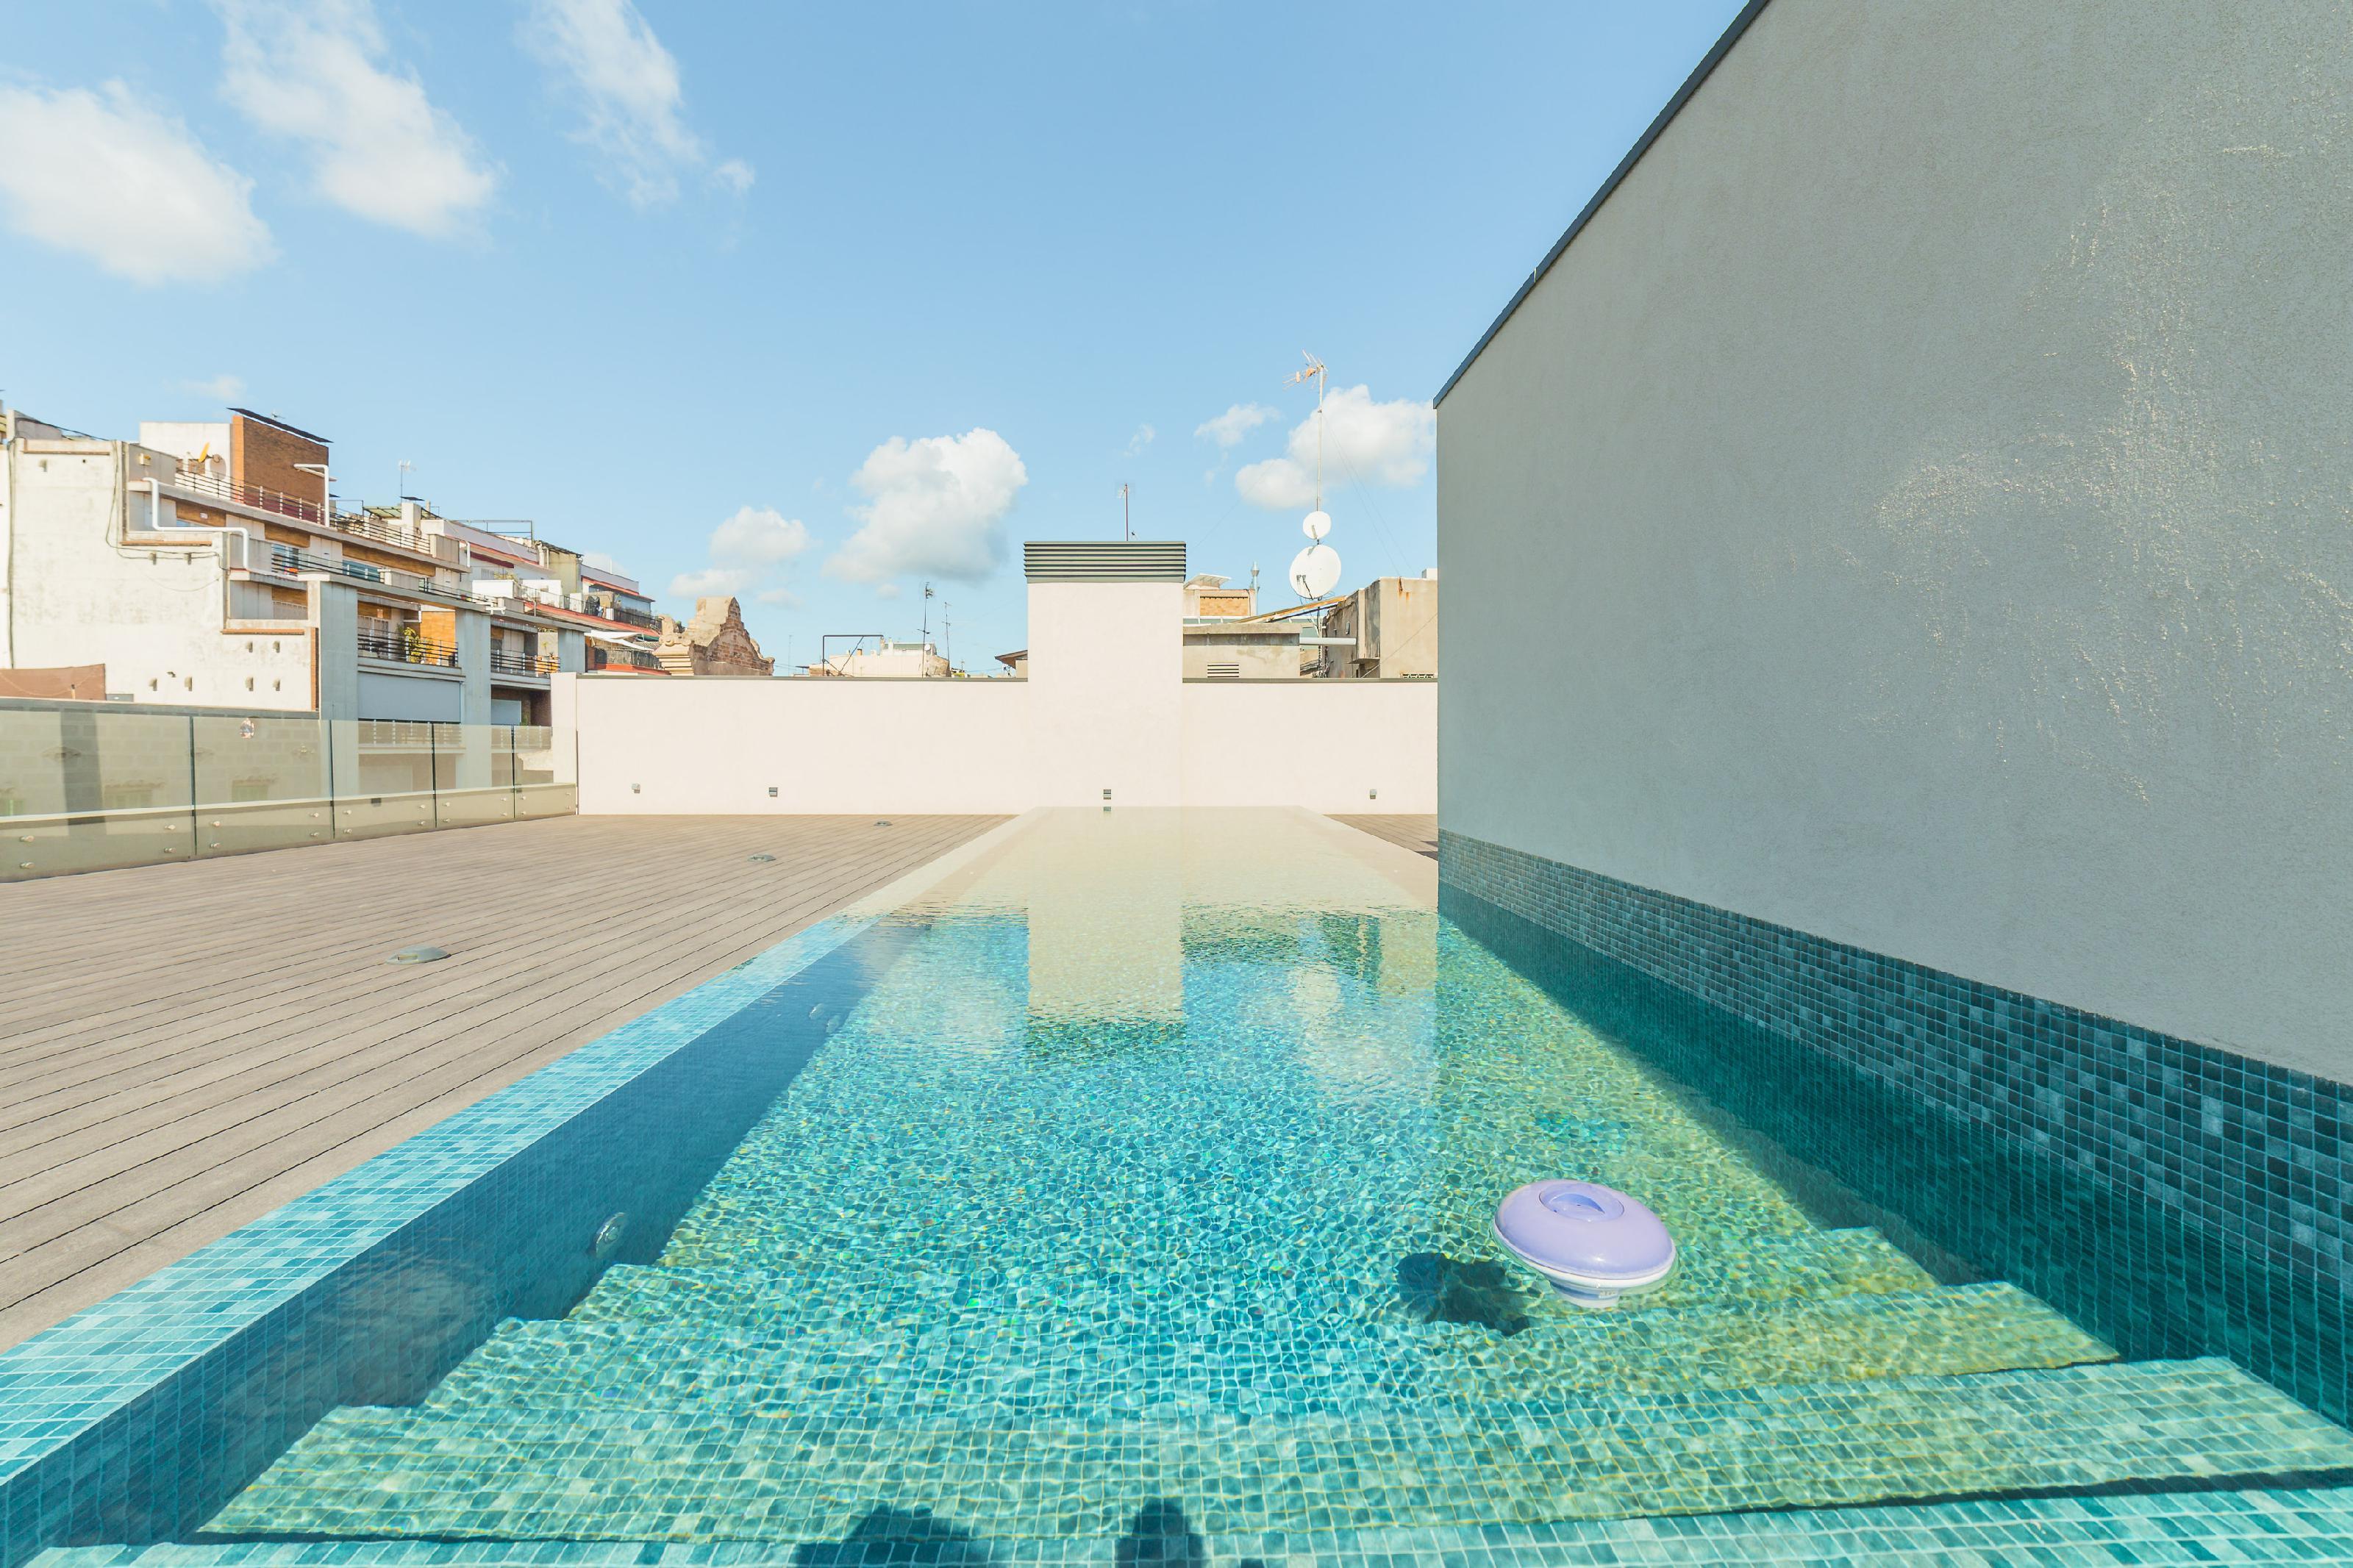 251949 Apartment for sale in Eixample, Antiga Esquerre Eixample 4